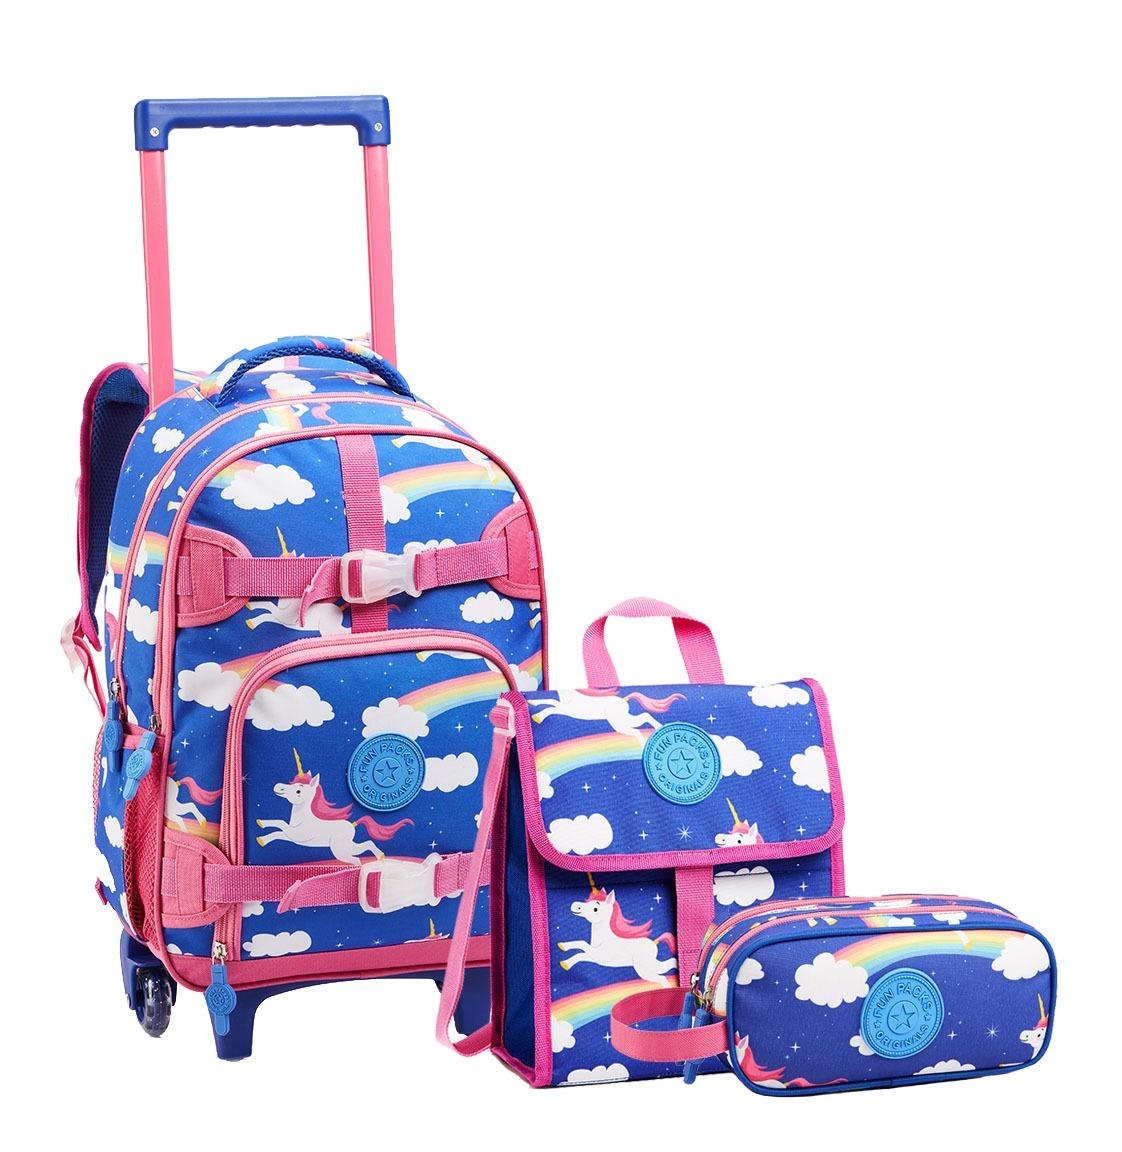 25fe7777f kit mochila escolar infantil com rodas kt13881 unicórnio. Carregando zoom.